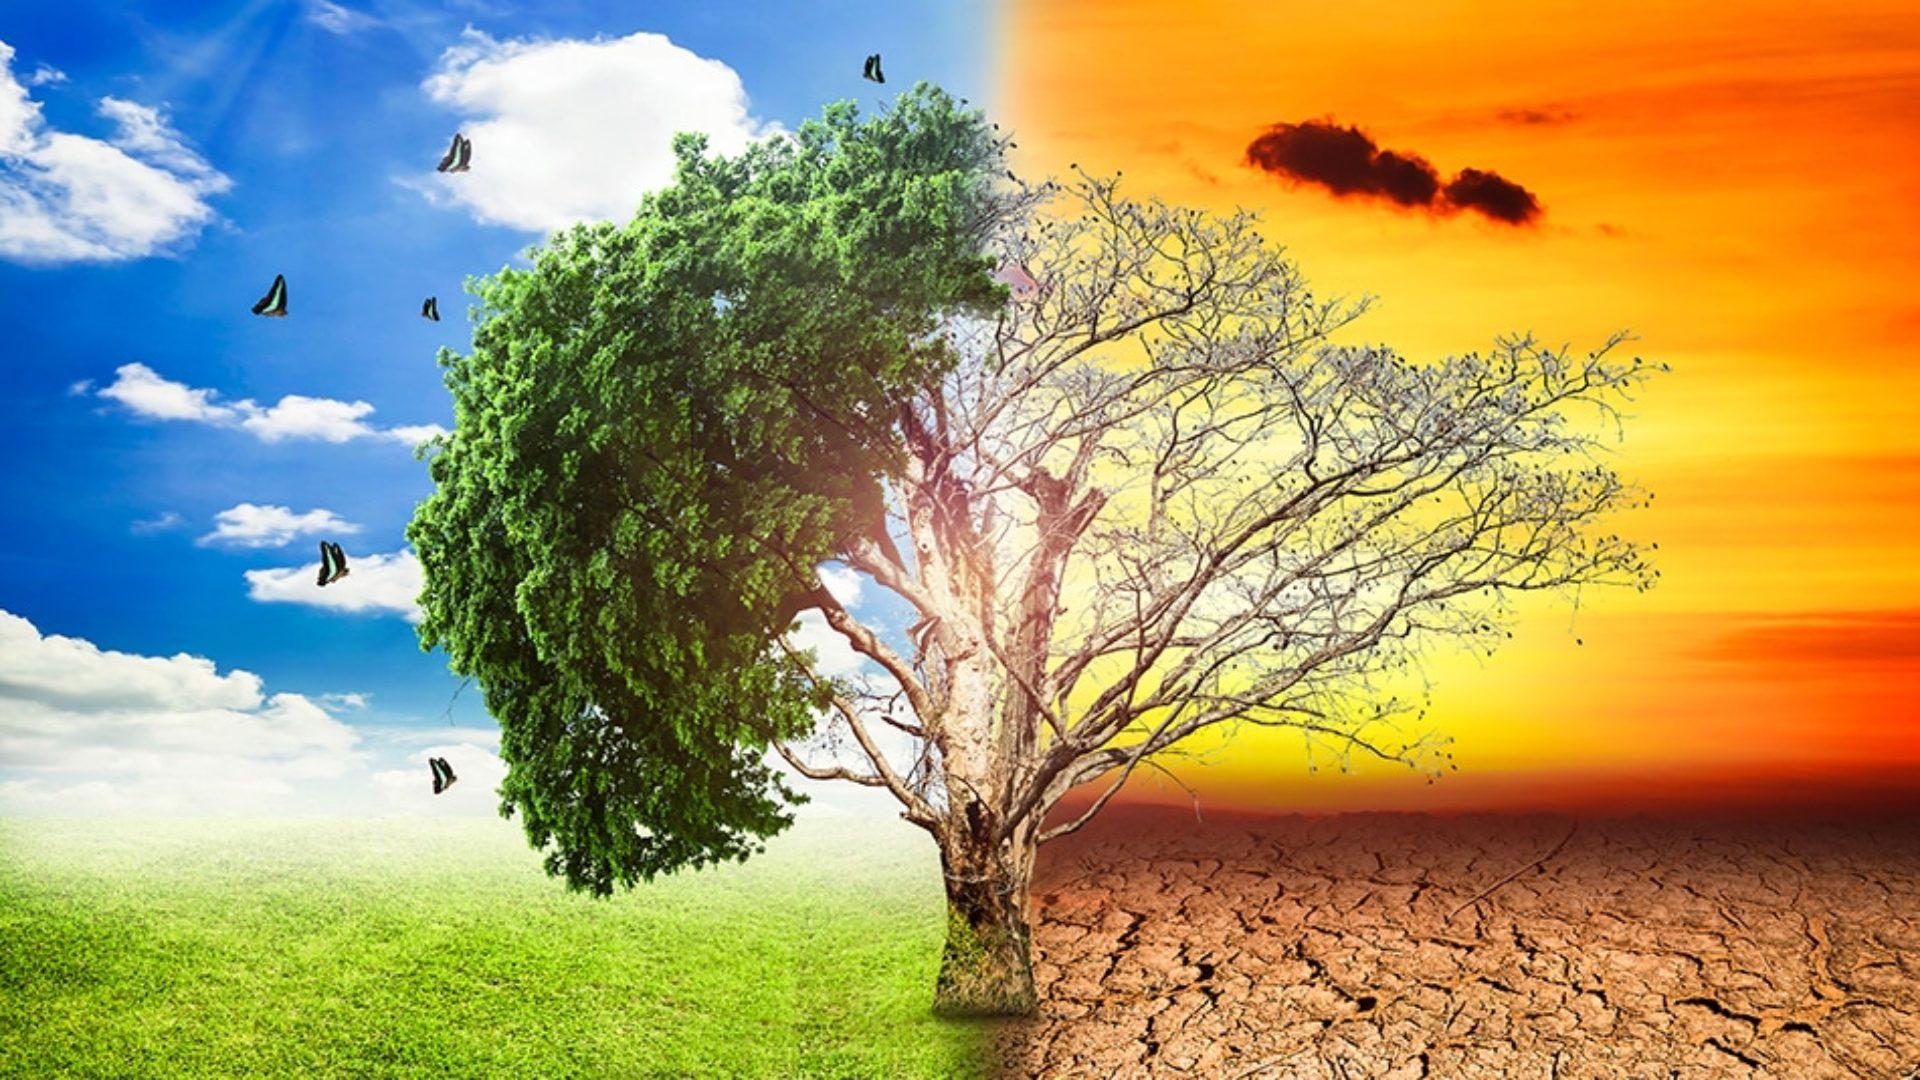 συνέπειες της κλιματικής αλλαγής στα ζώα